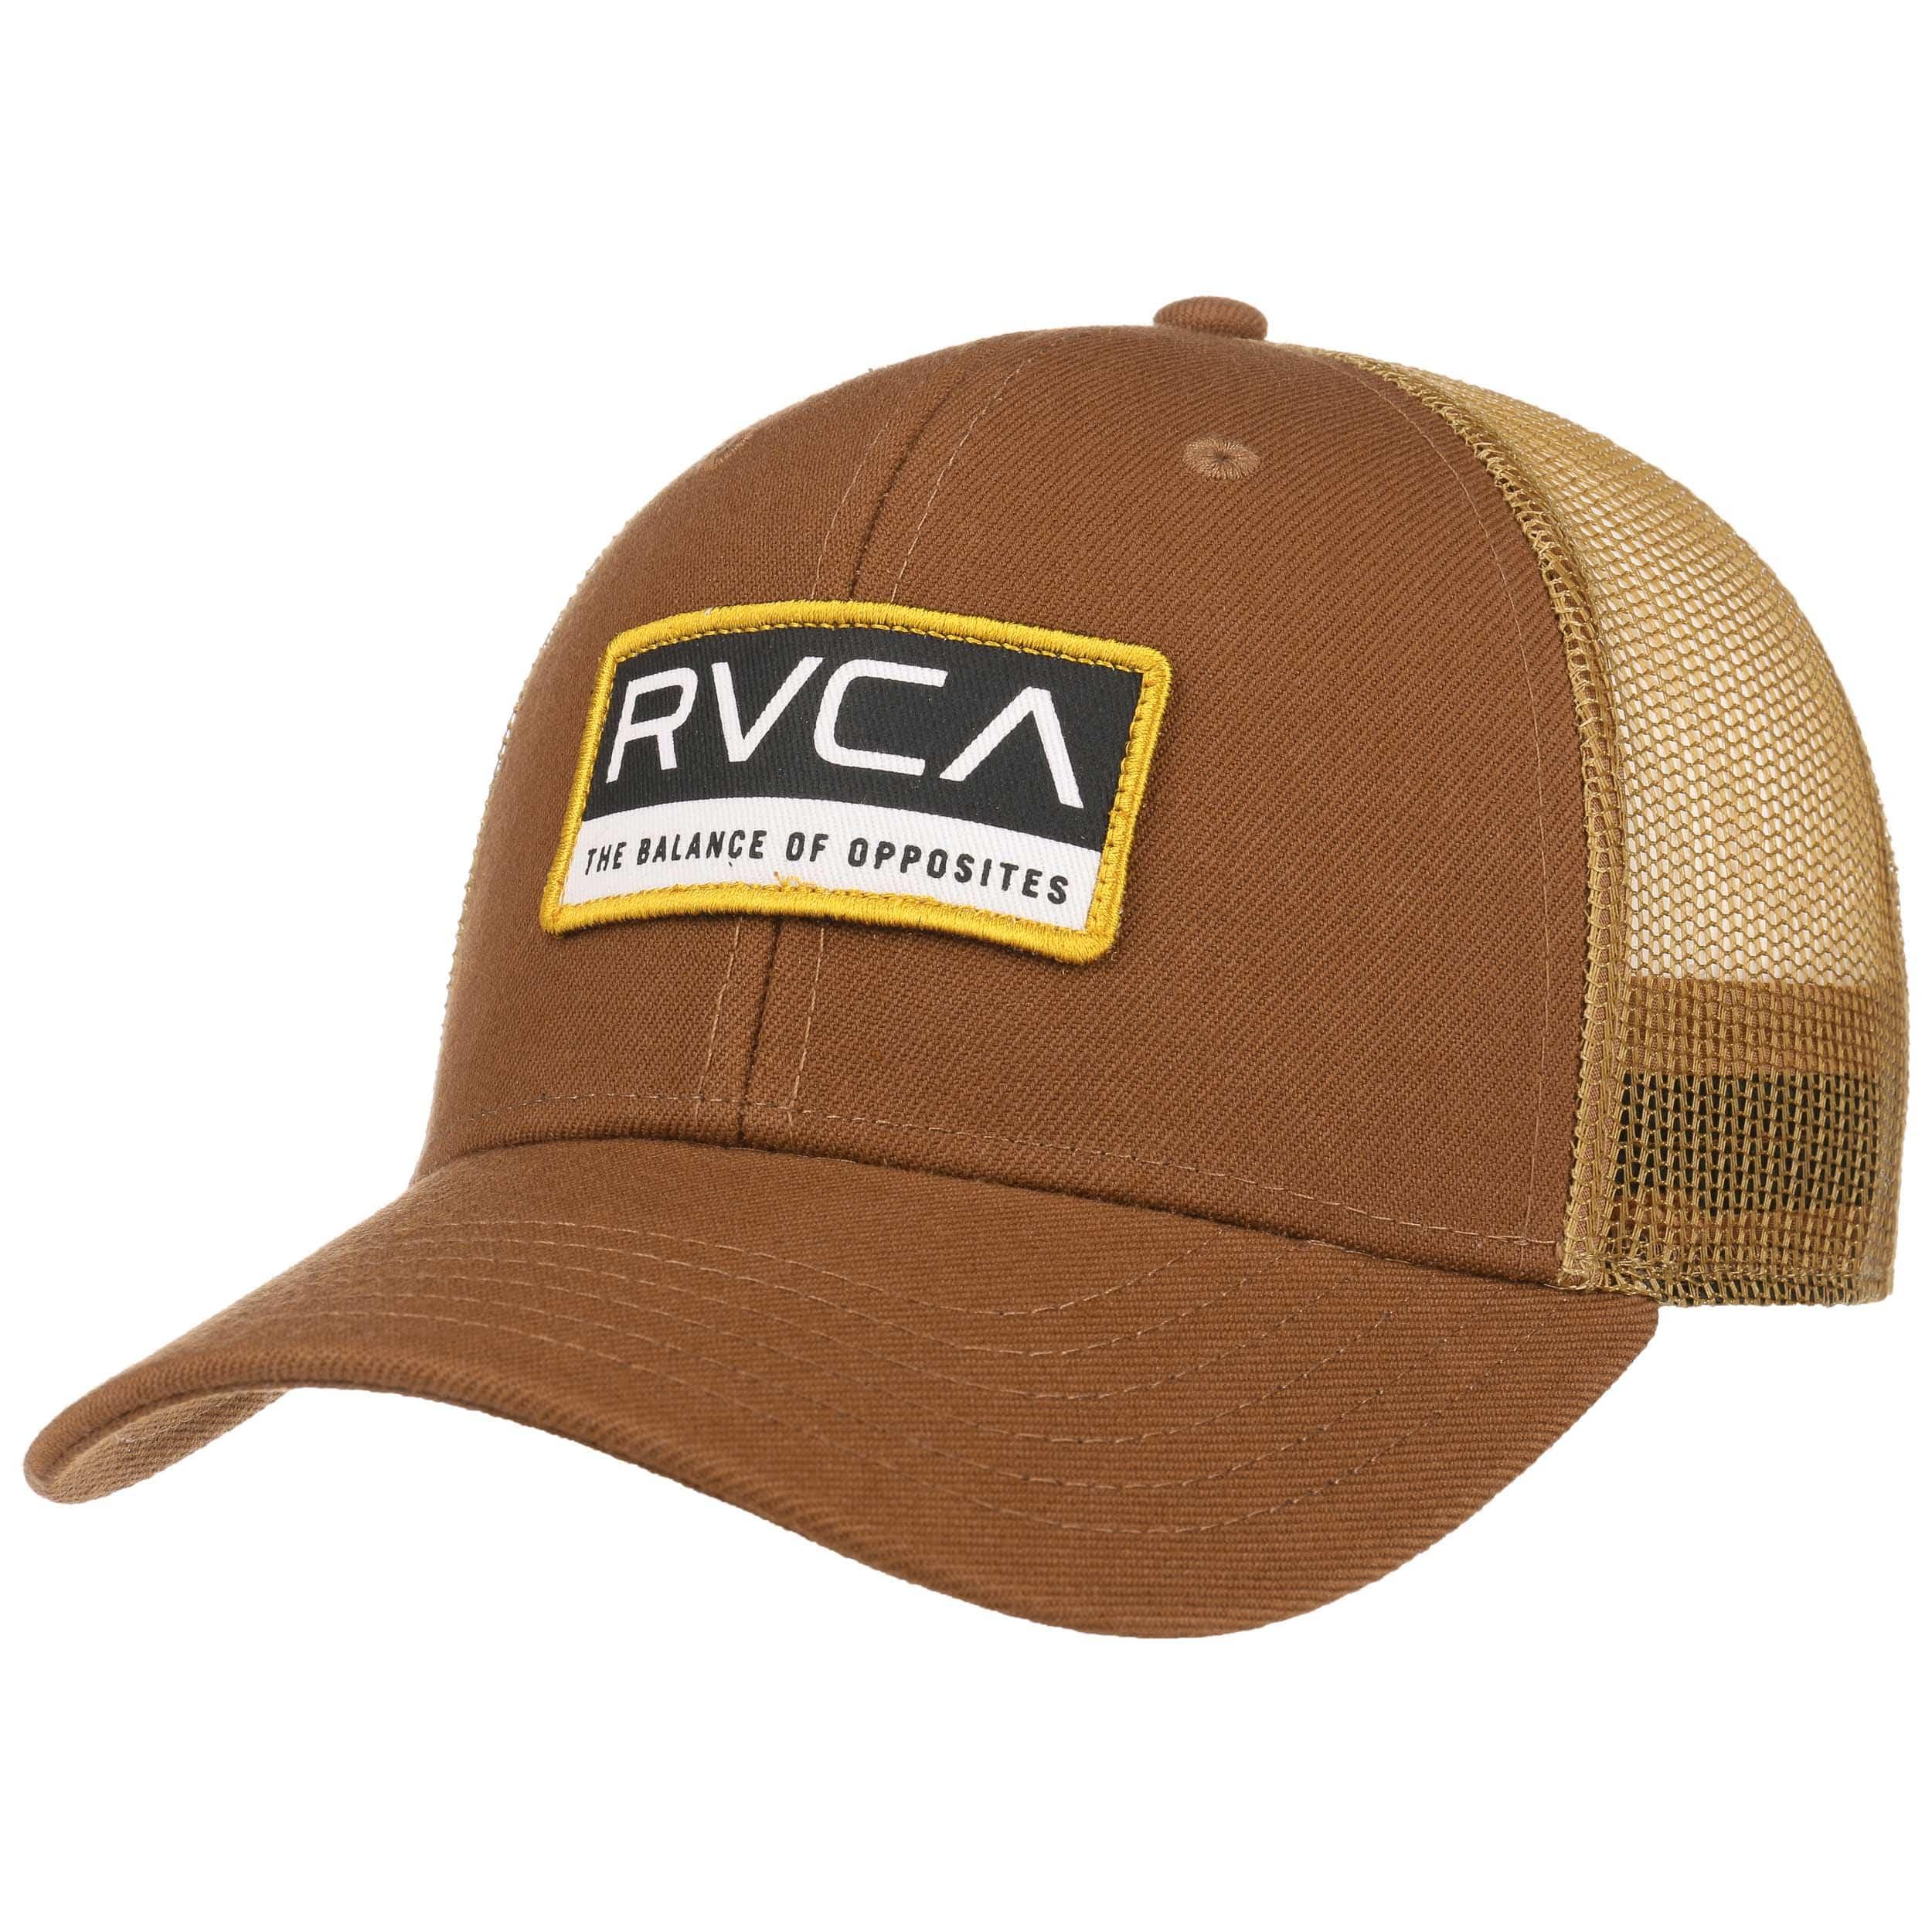 0029bd6a844f2 cheapest rvca balance trucker hat 83069 5a8f2